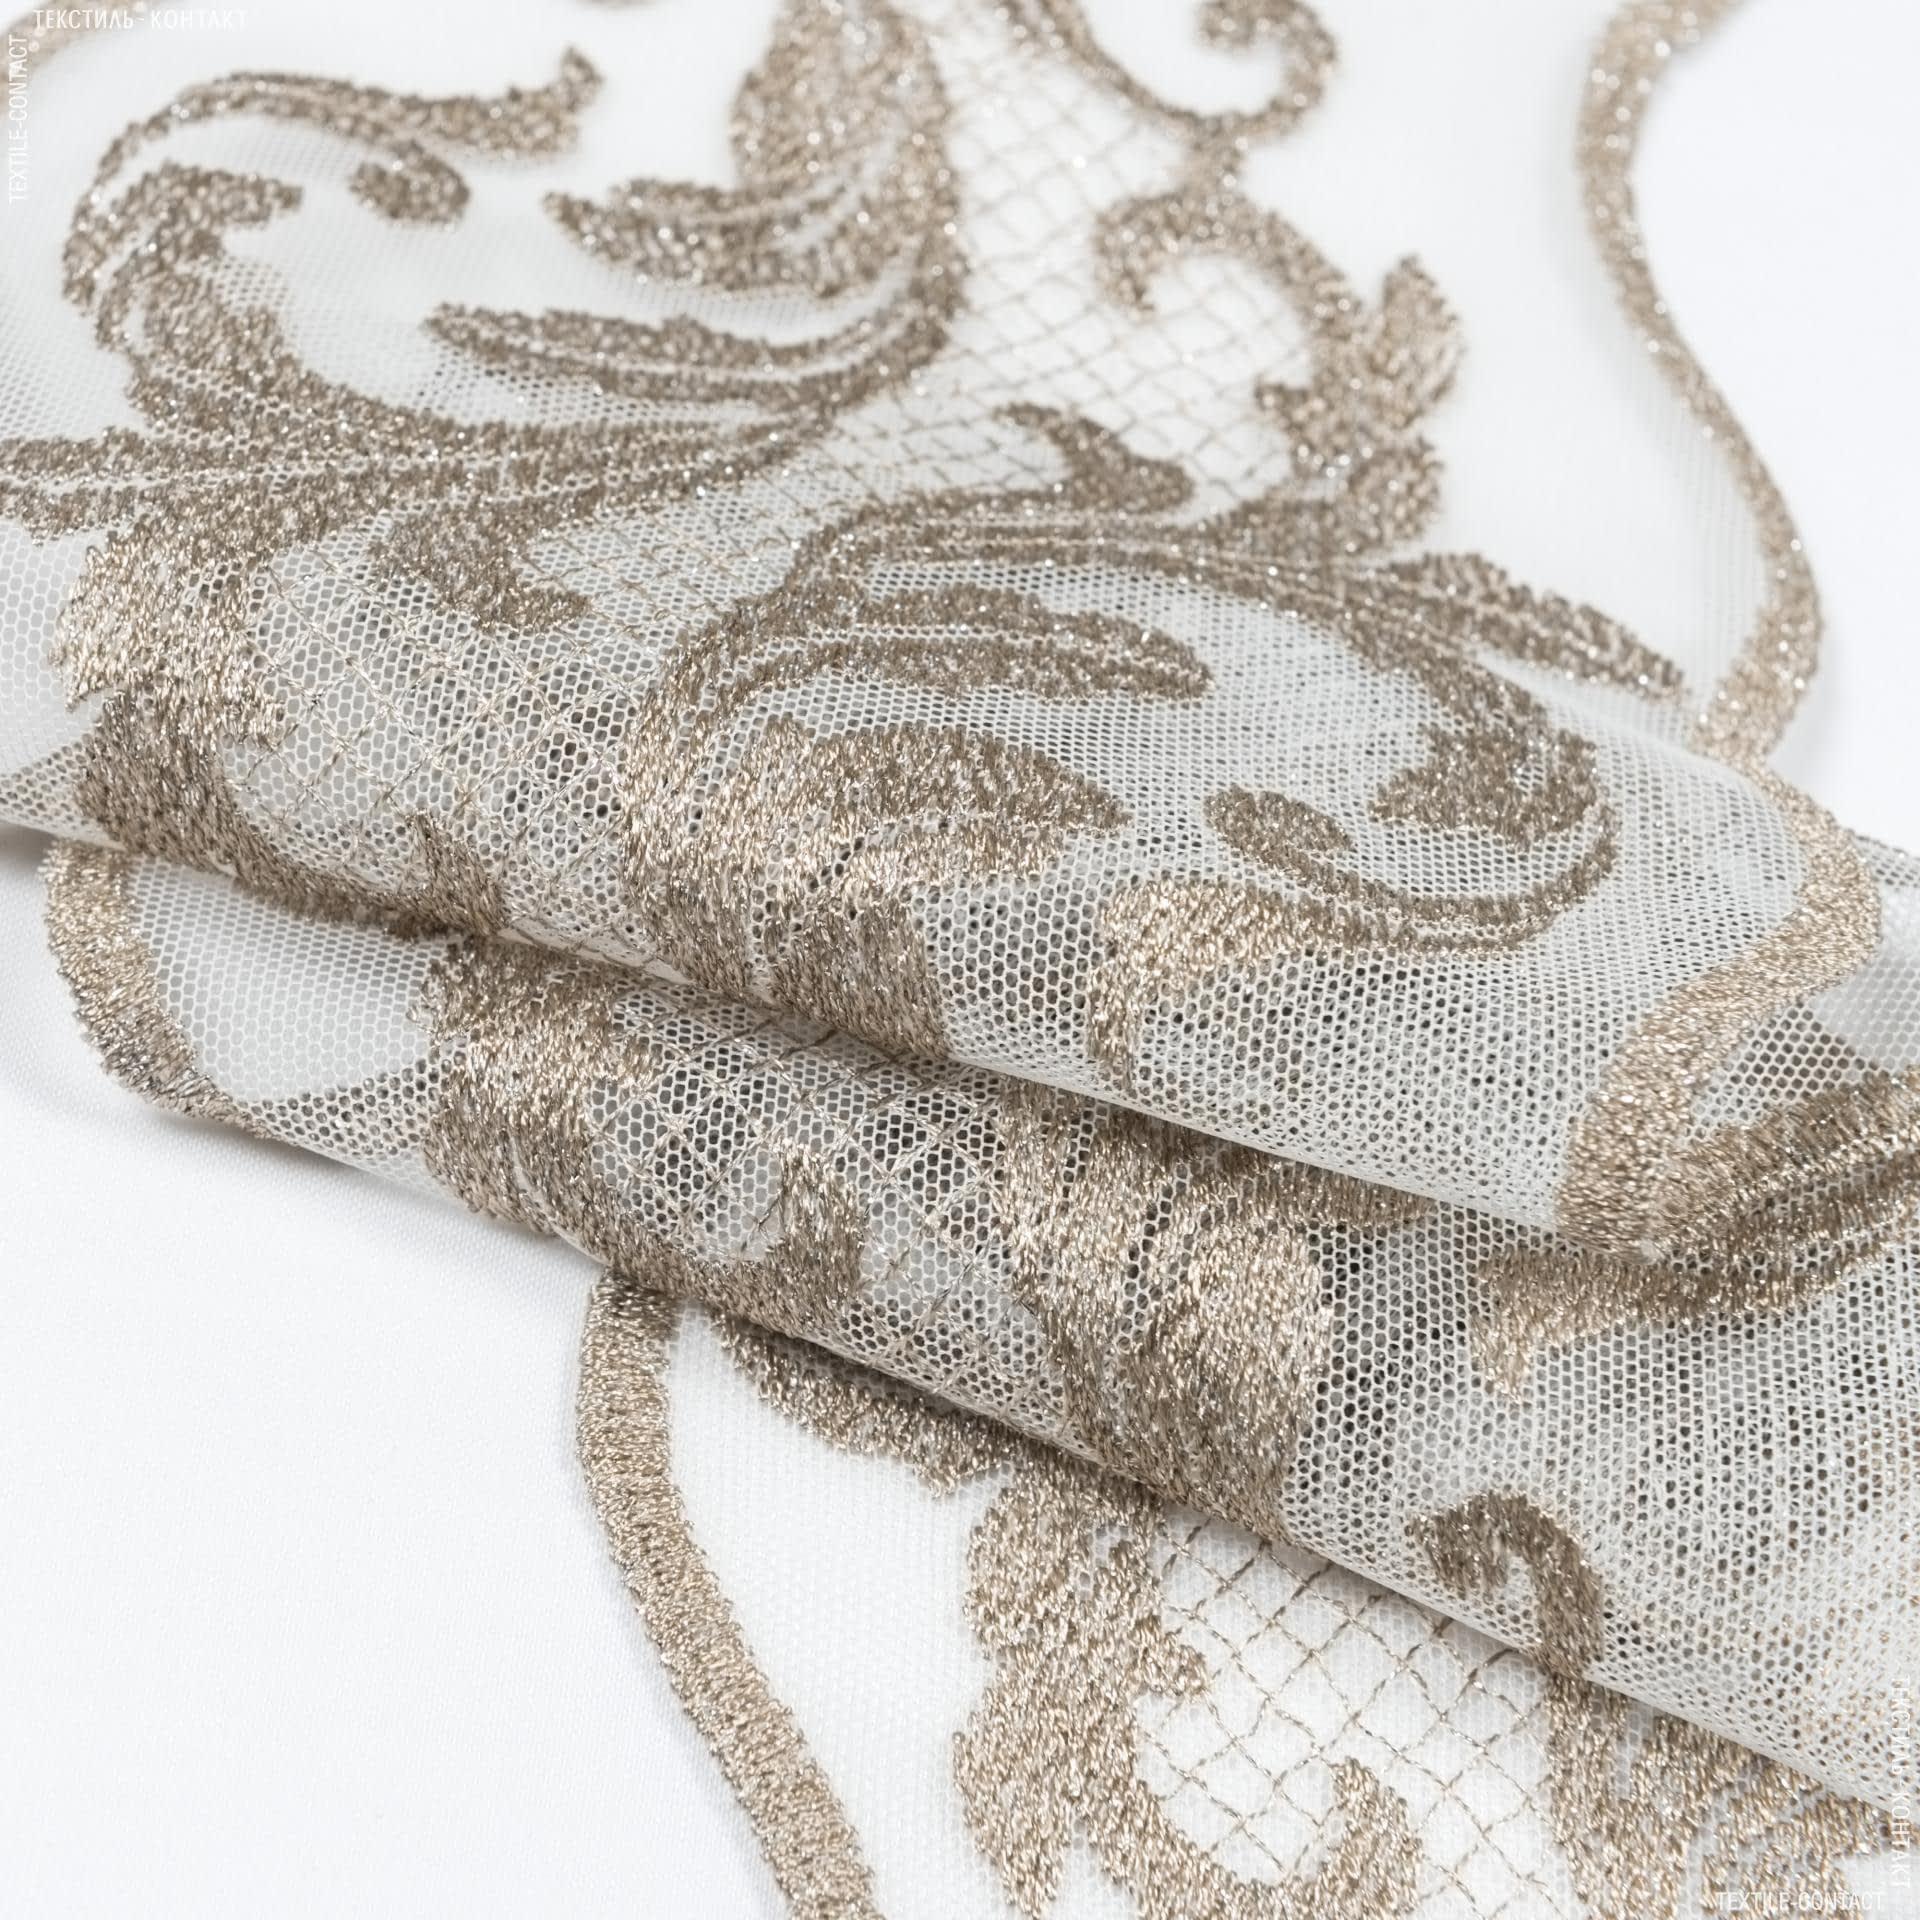 Тканини для печворку - Декоративне мереживо  Зара беж  17 см